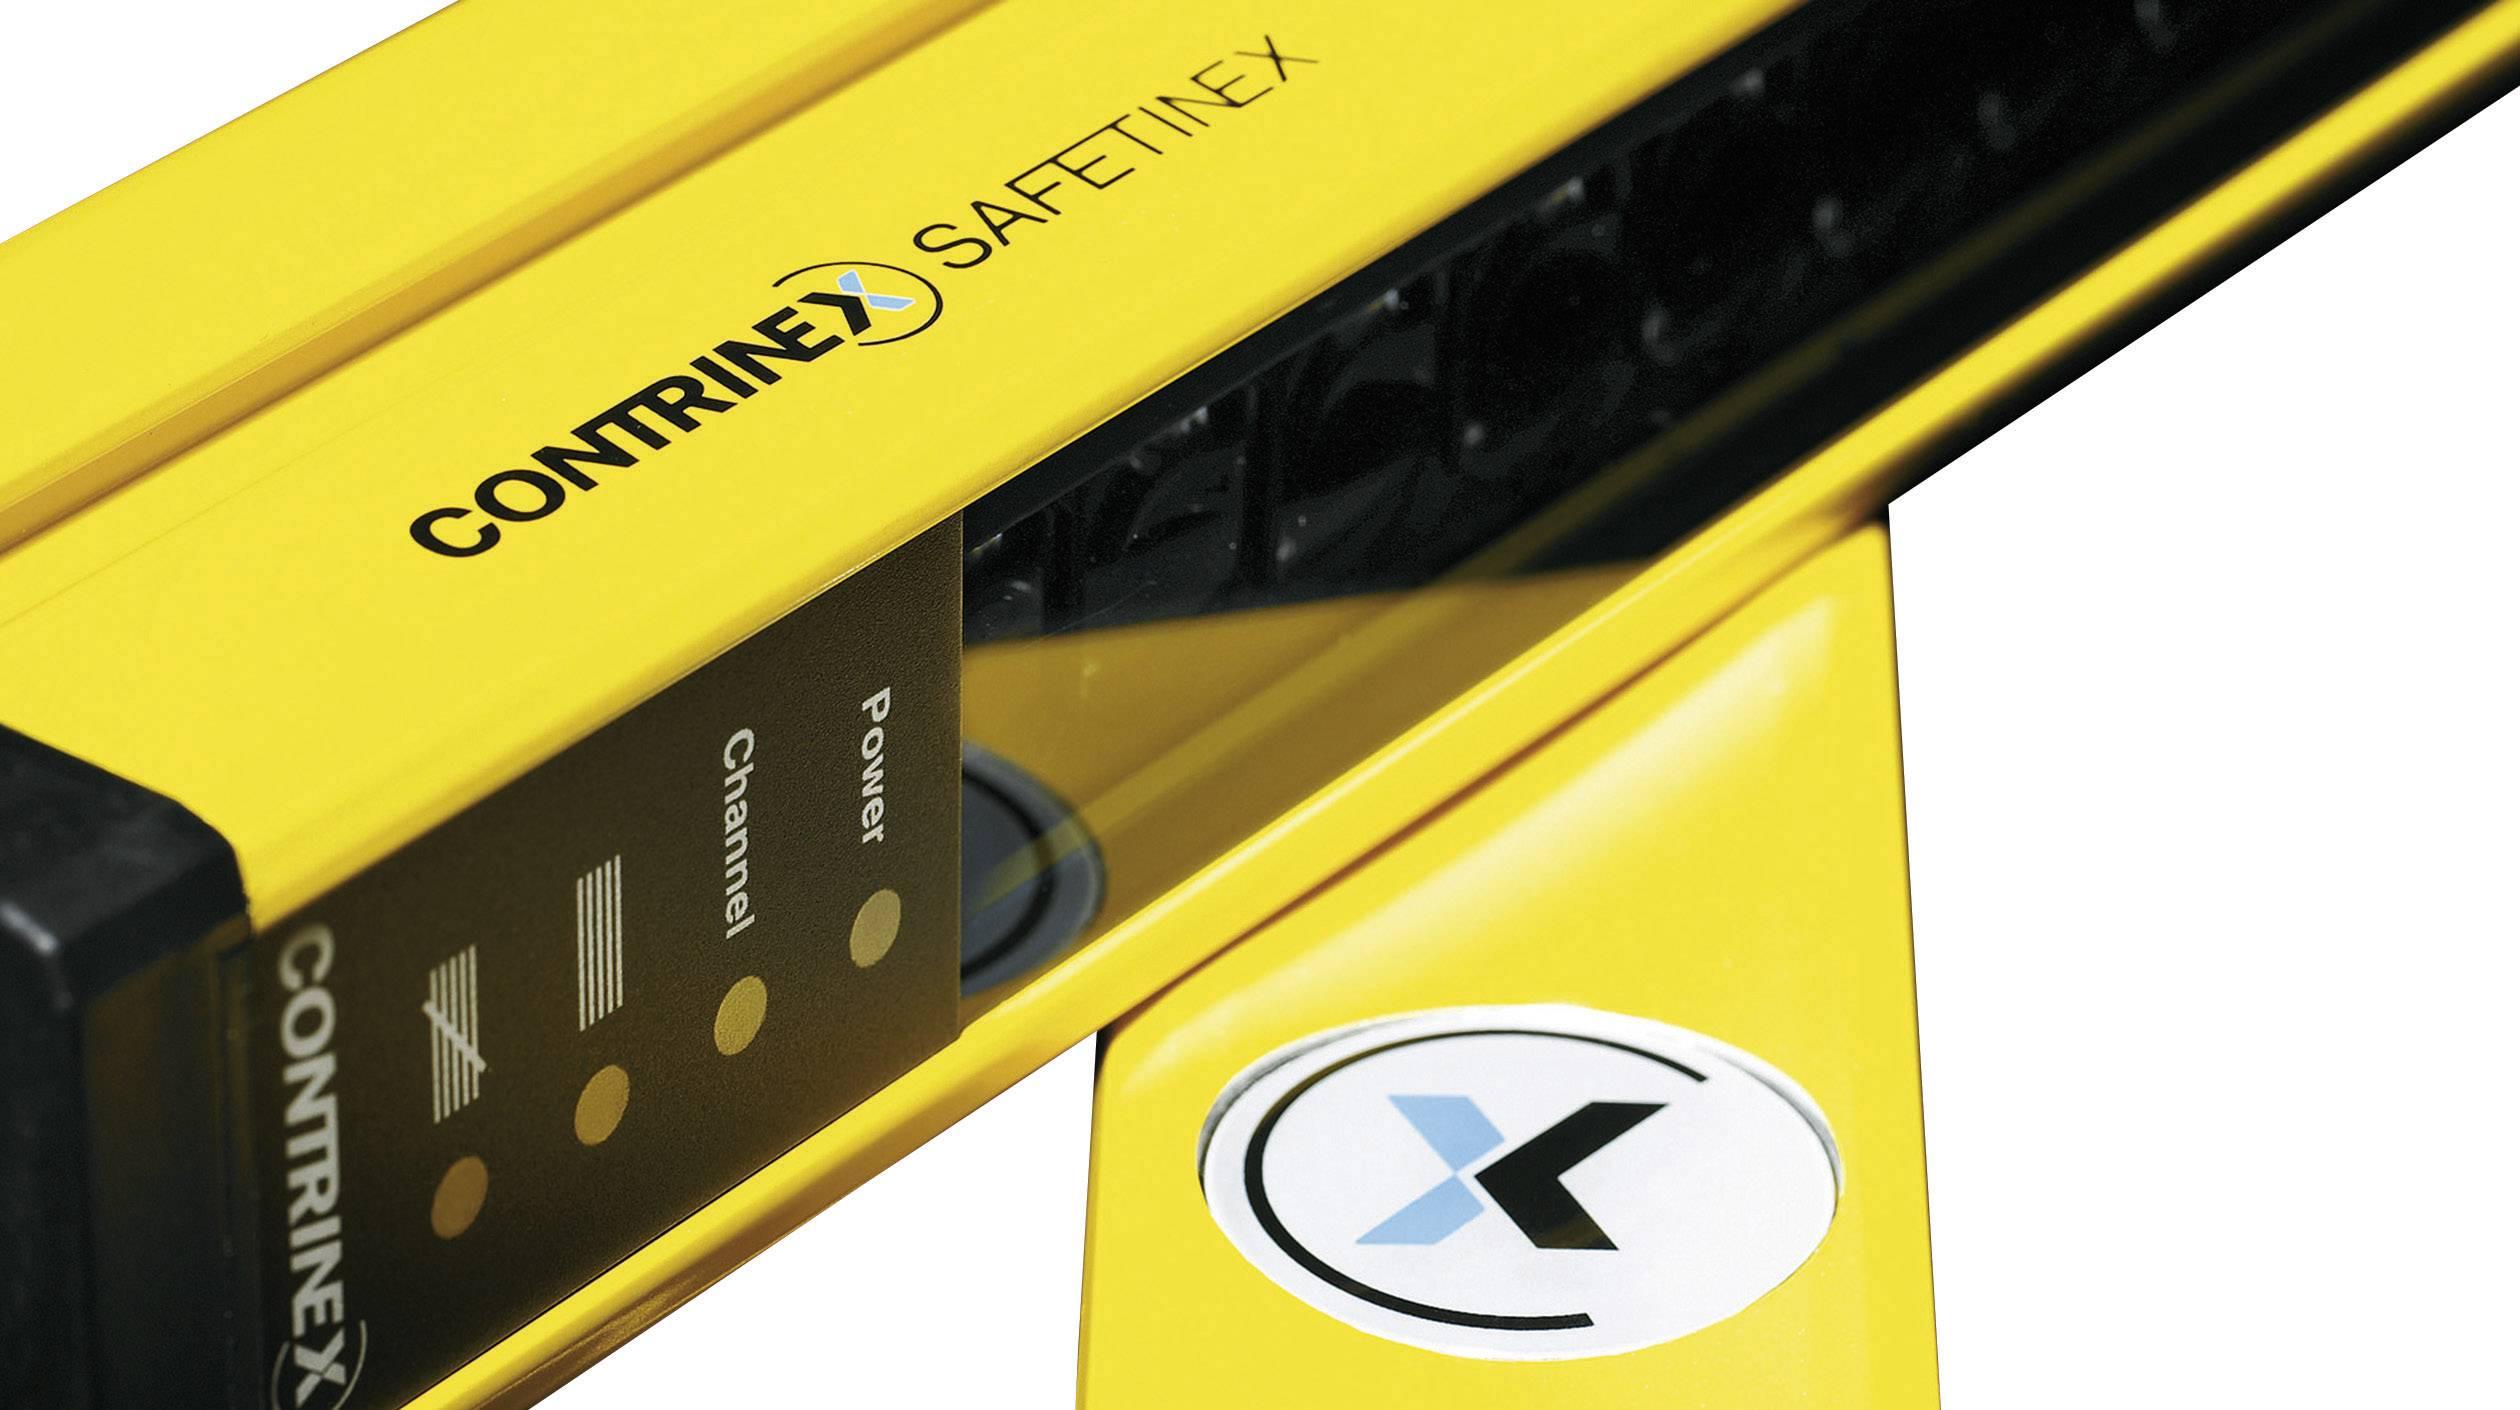 Vícepaprsková bezpečnostní světelná závora pro ochranu osob Contrinex YCA-50R4-3500-G012 630 100 062